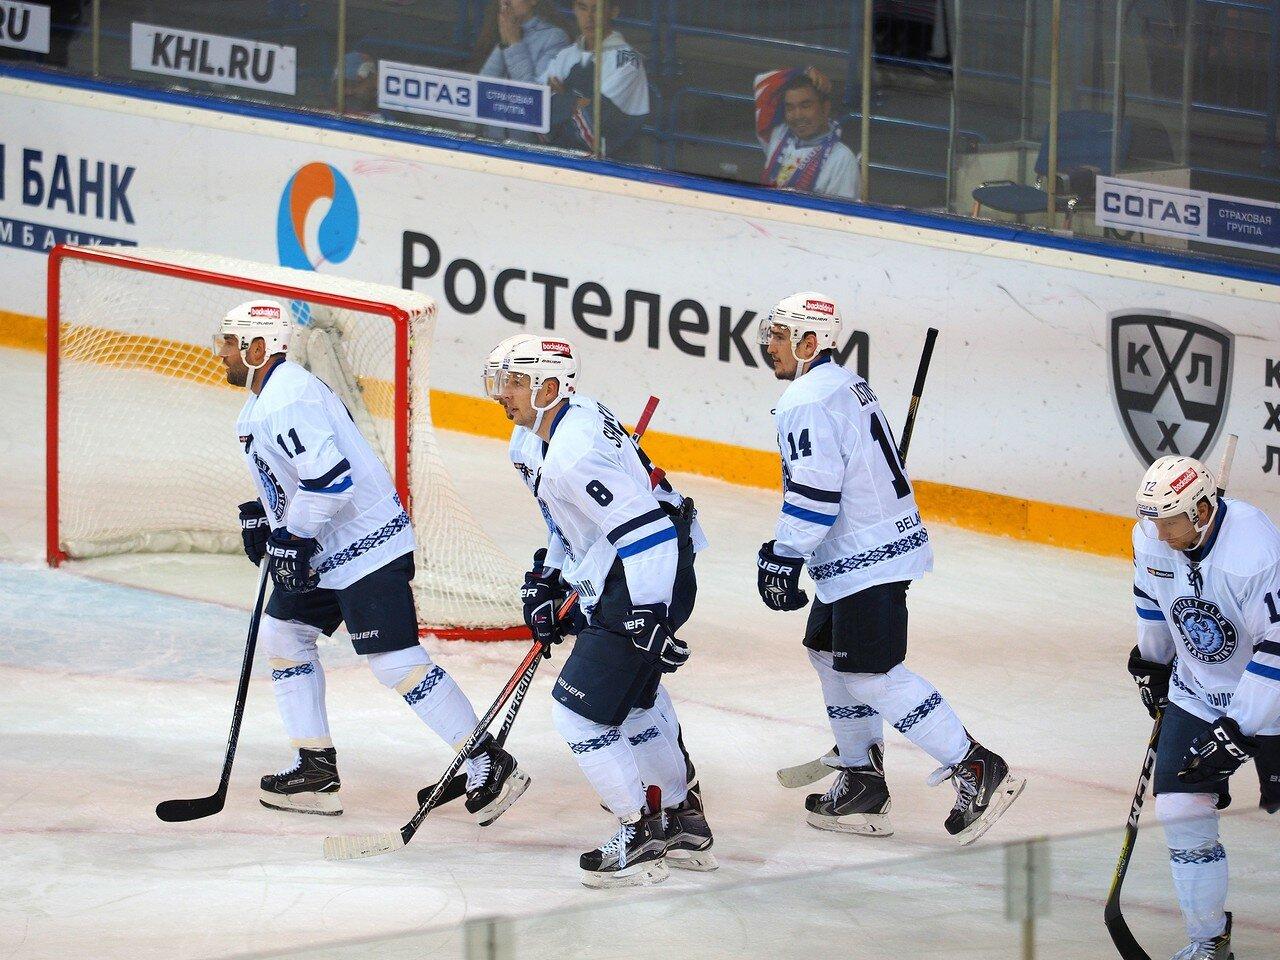 87Металлург - Динамо Минск 13.09.2016